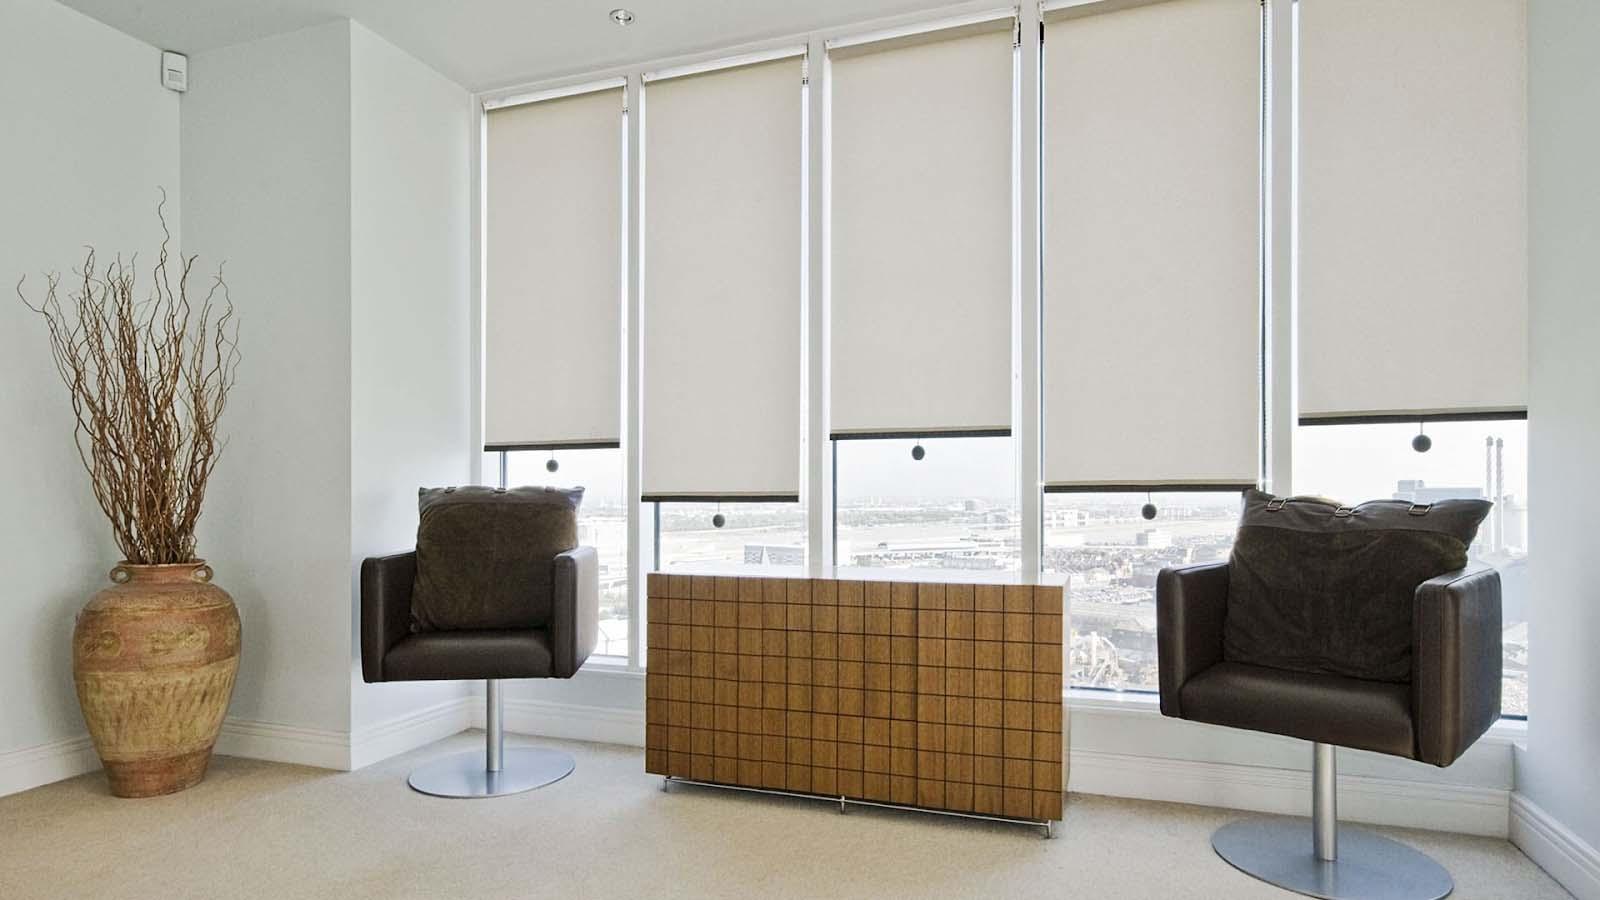 rèm cuốn trơn 1 màu chống nắng văn phòng